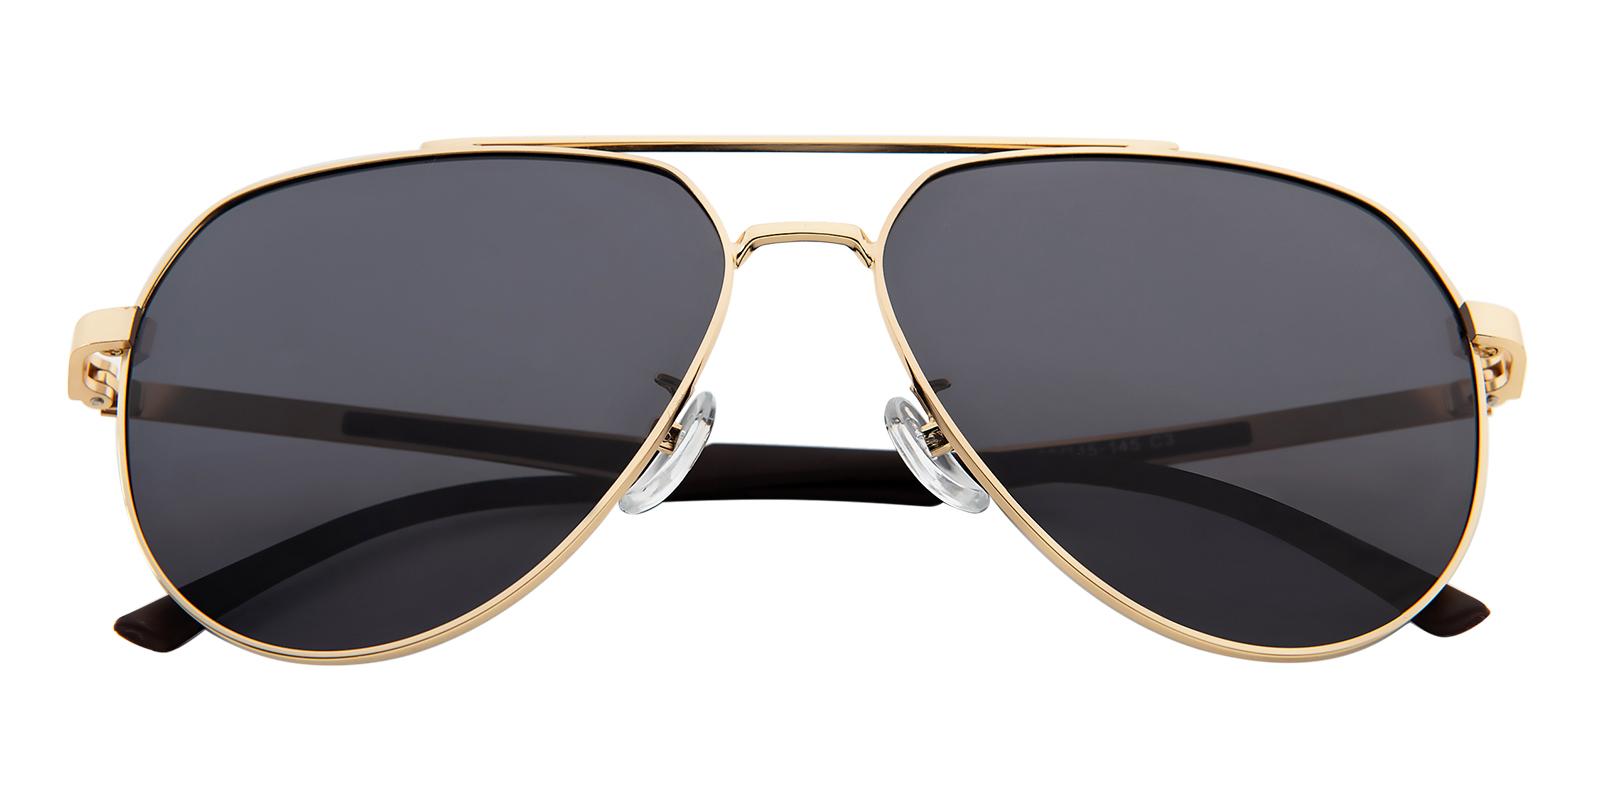 Women|Men's Aviator Sunglasses, Full Frame Metal Golden - SUP0788